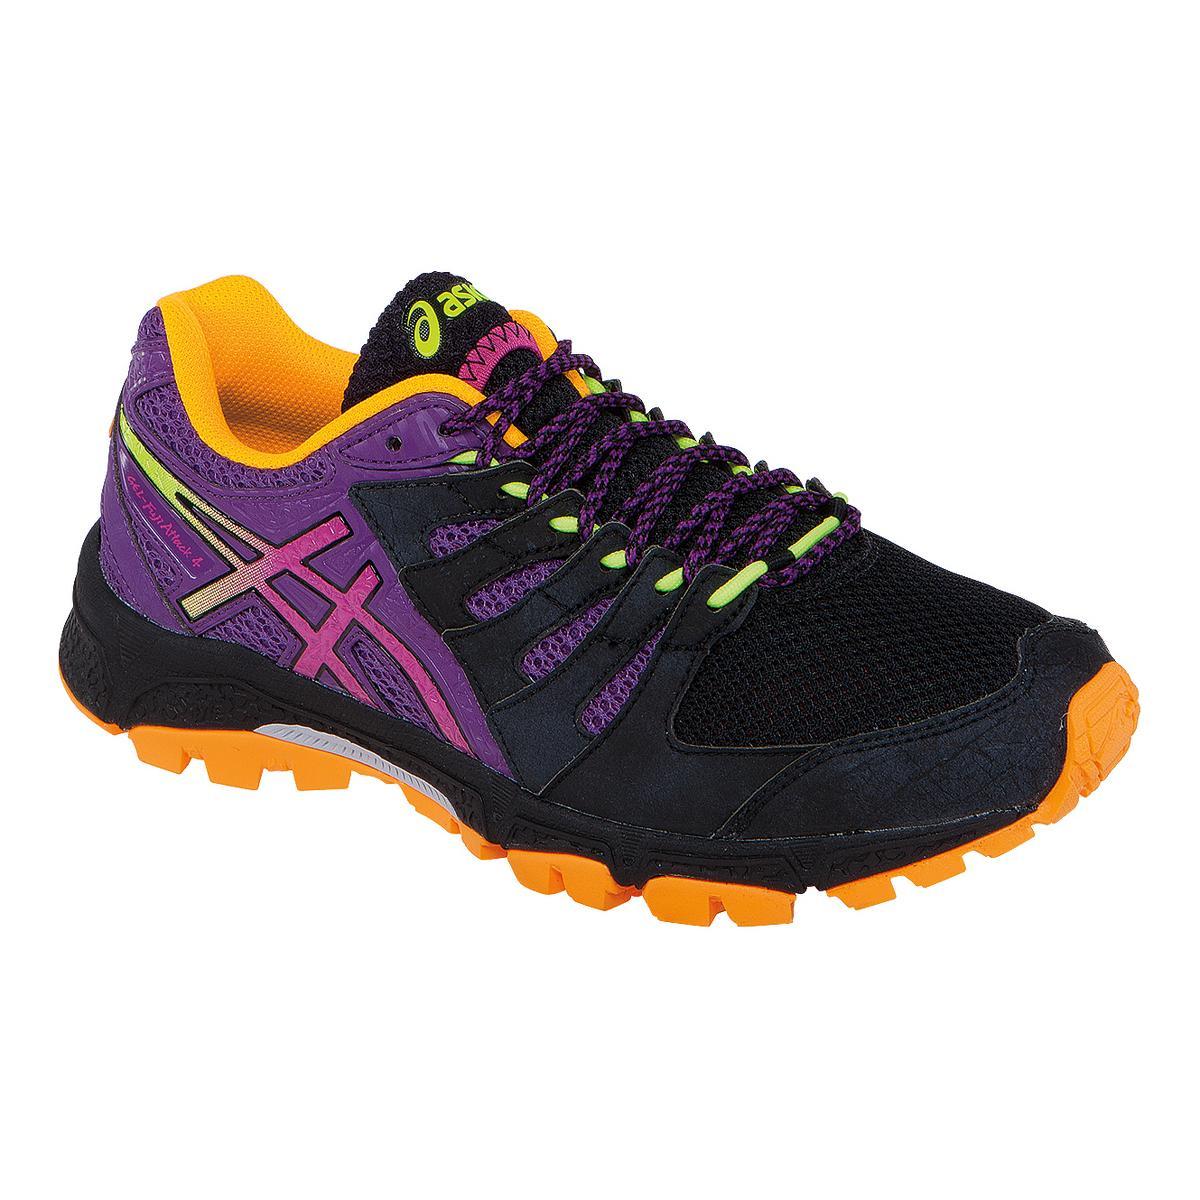 Donna ASICS GEL FujiAttack 4 Runner Trail FujiAttack In esecuzione scarpe